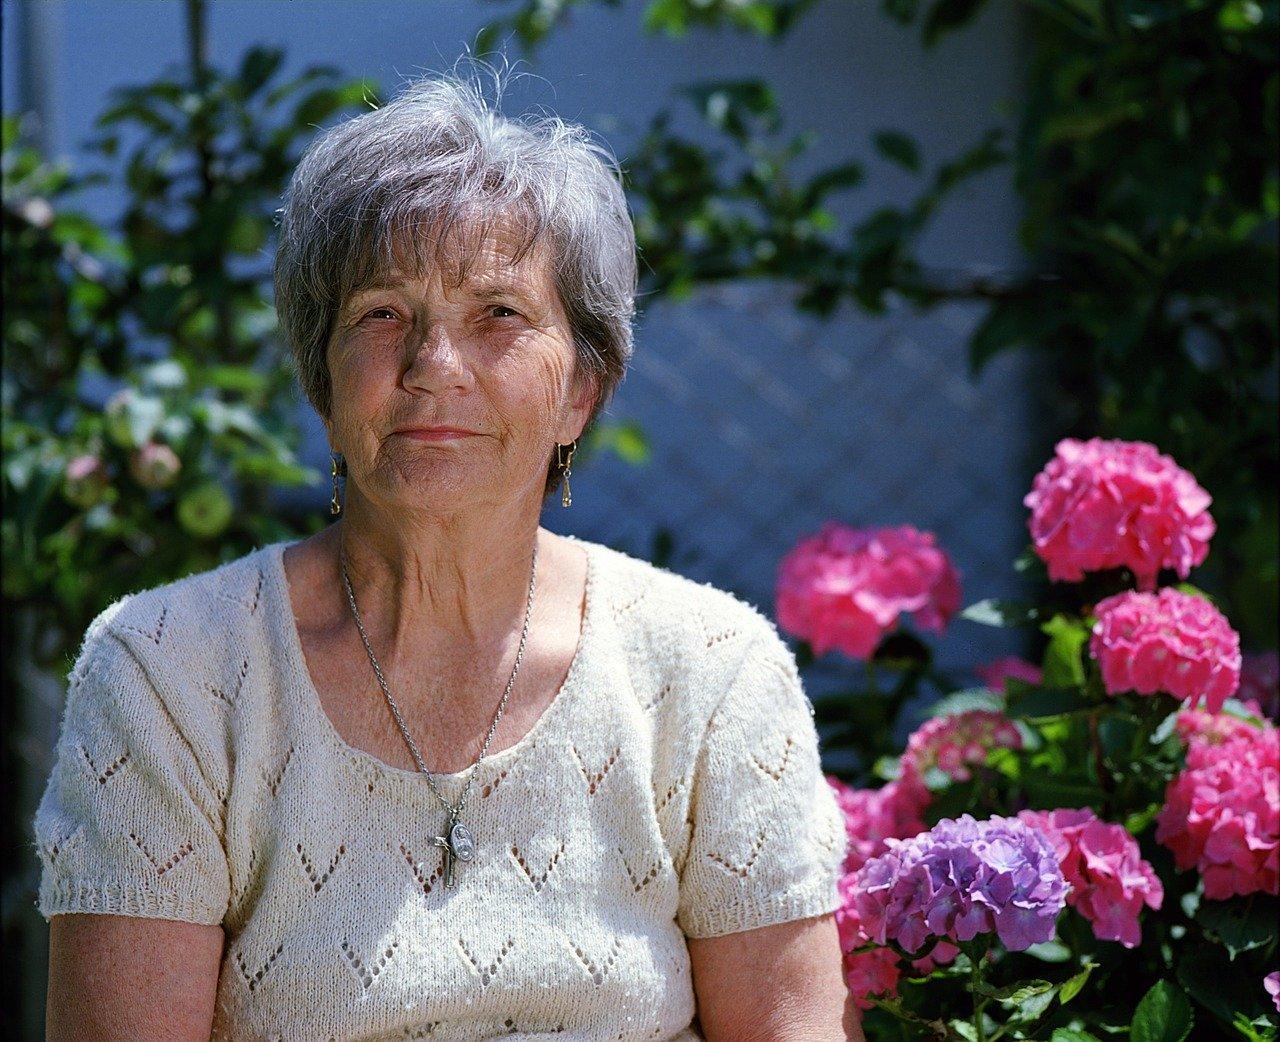 בעיות רפואיות בקרב קשישים